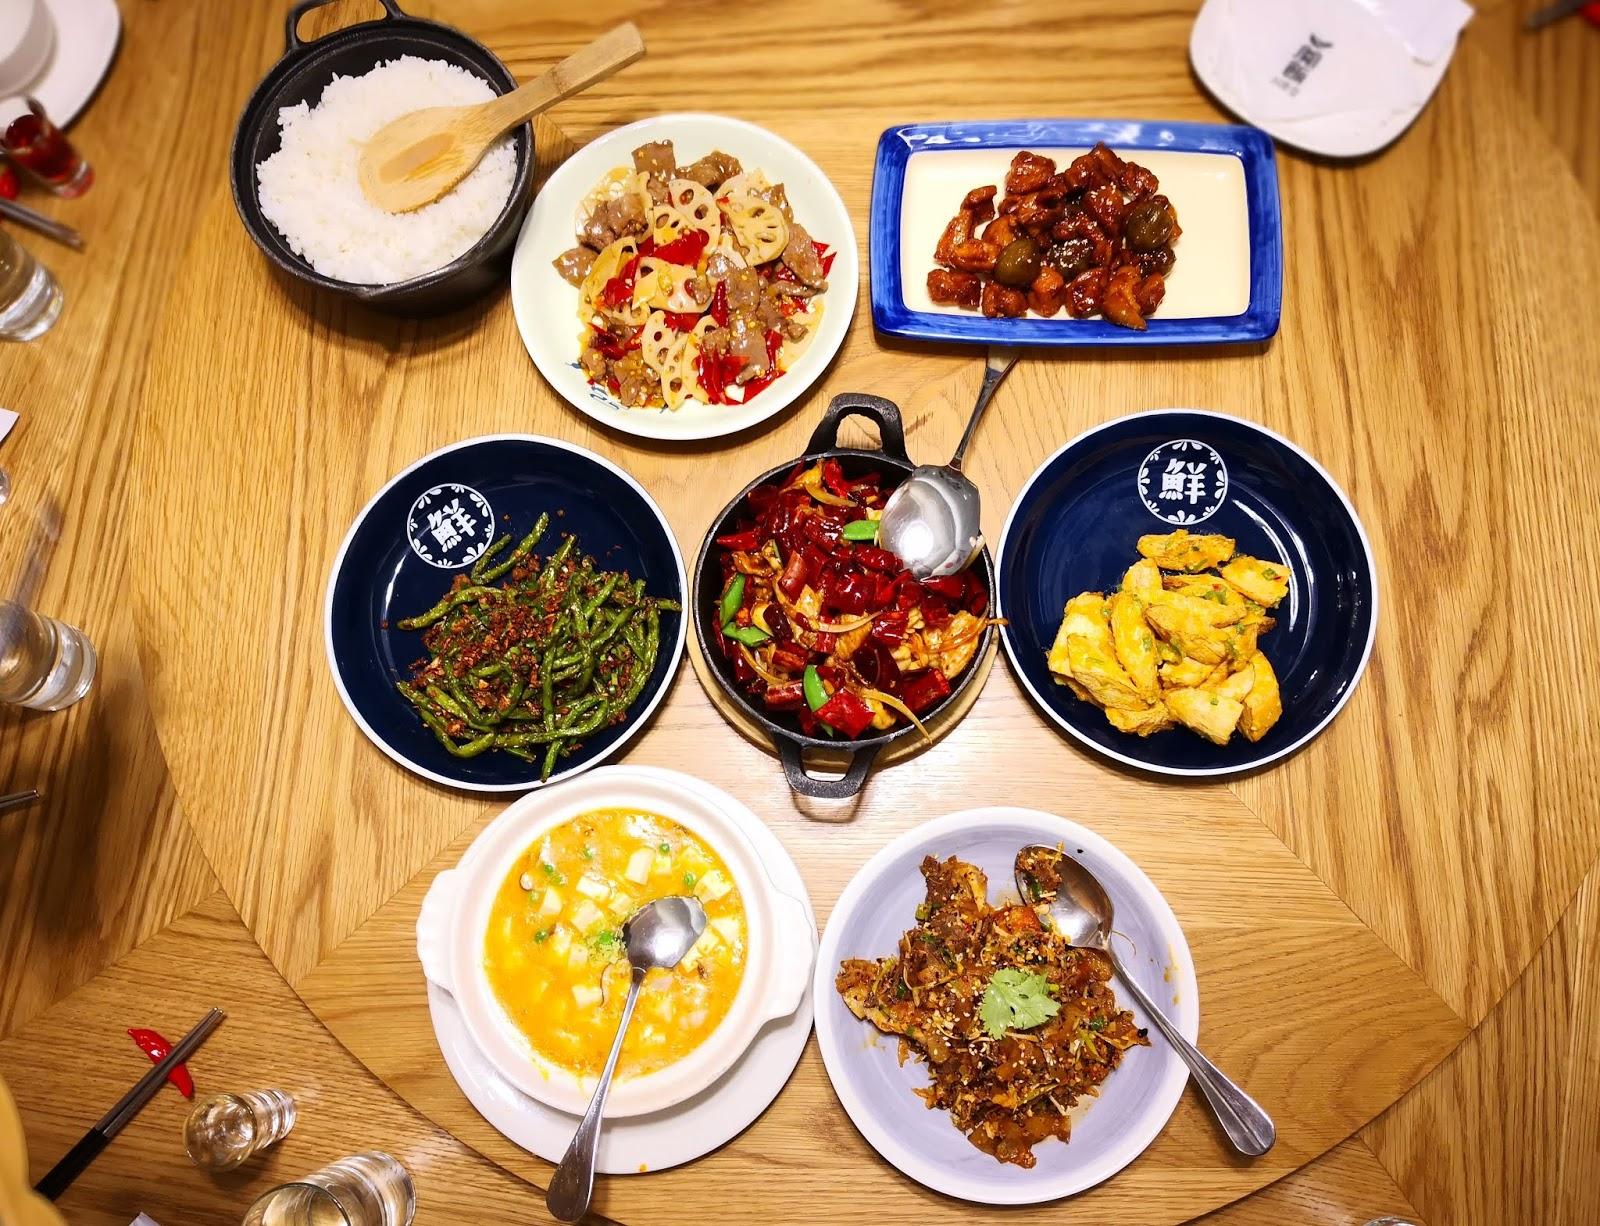 蓋瑞的吃喝玩轉世界: [食記 臺南] 開飯川食堂 南紡店 | 美味又開胃且下飯的川菜 | 2018年8月14日